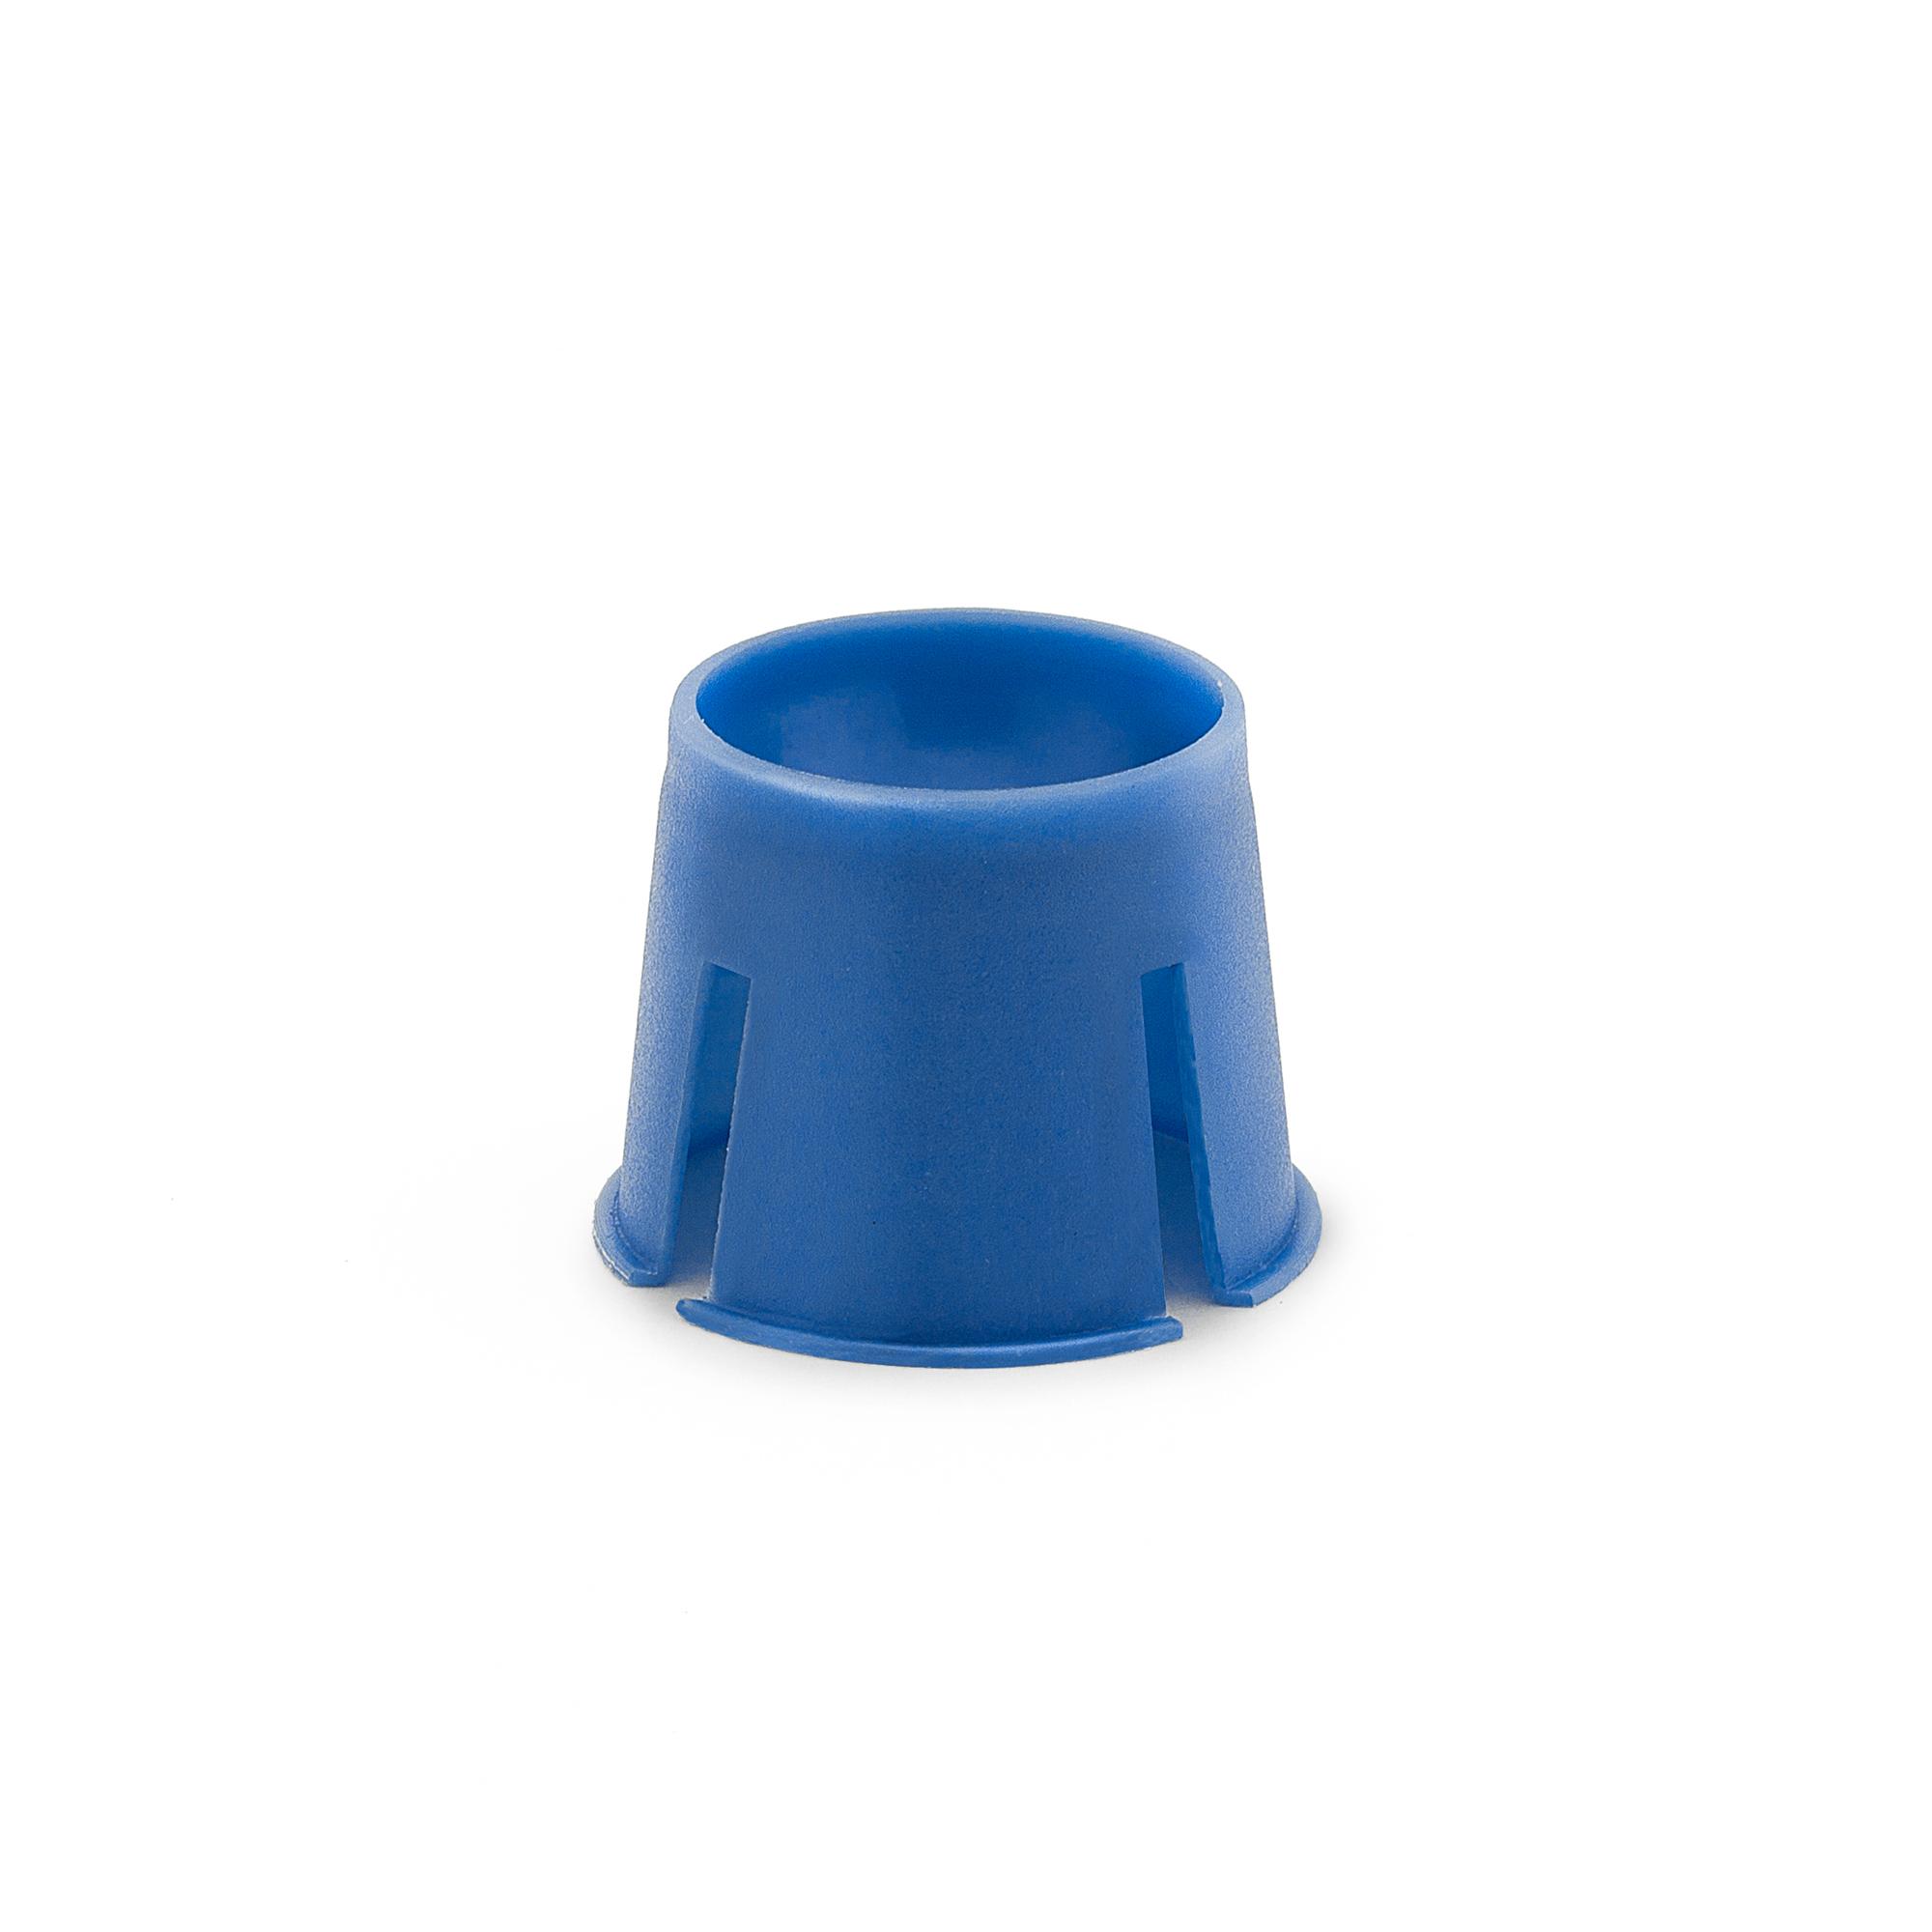 LUCAS' COSMETICS Стаканчик пластмассовый для разведения хны (4 мл) от Галерея Косметики